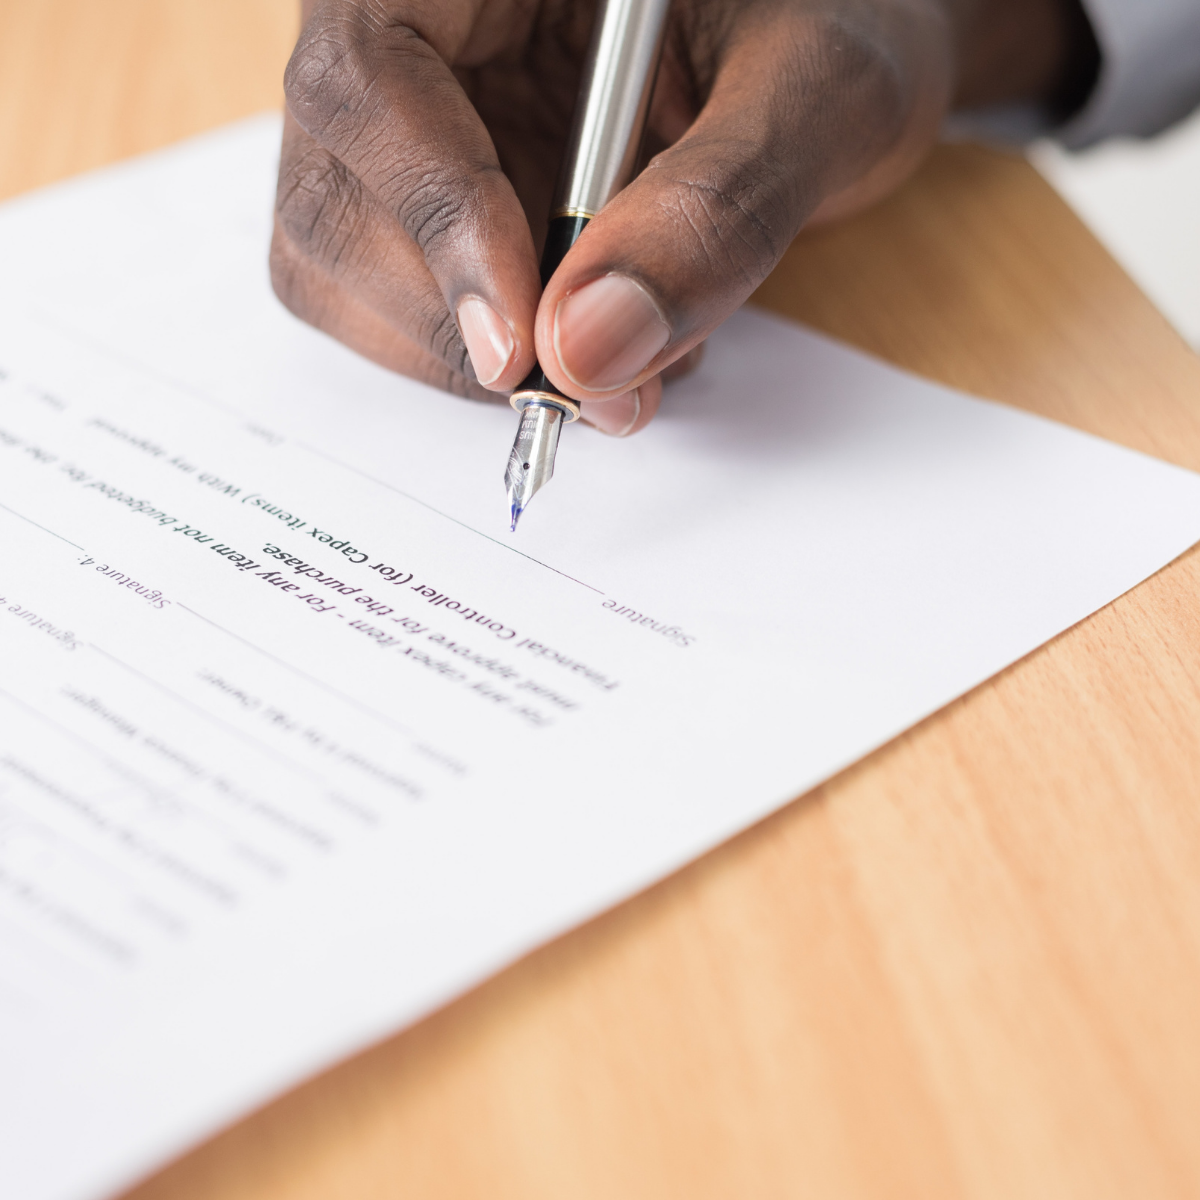 Comment obtenir un prêt garanti par l'état ?